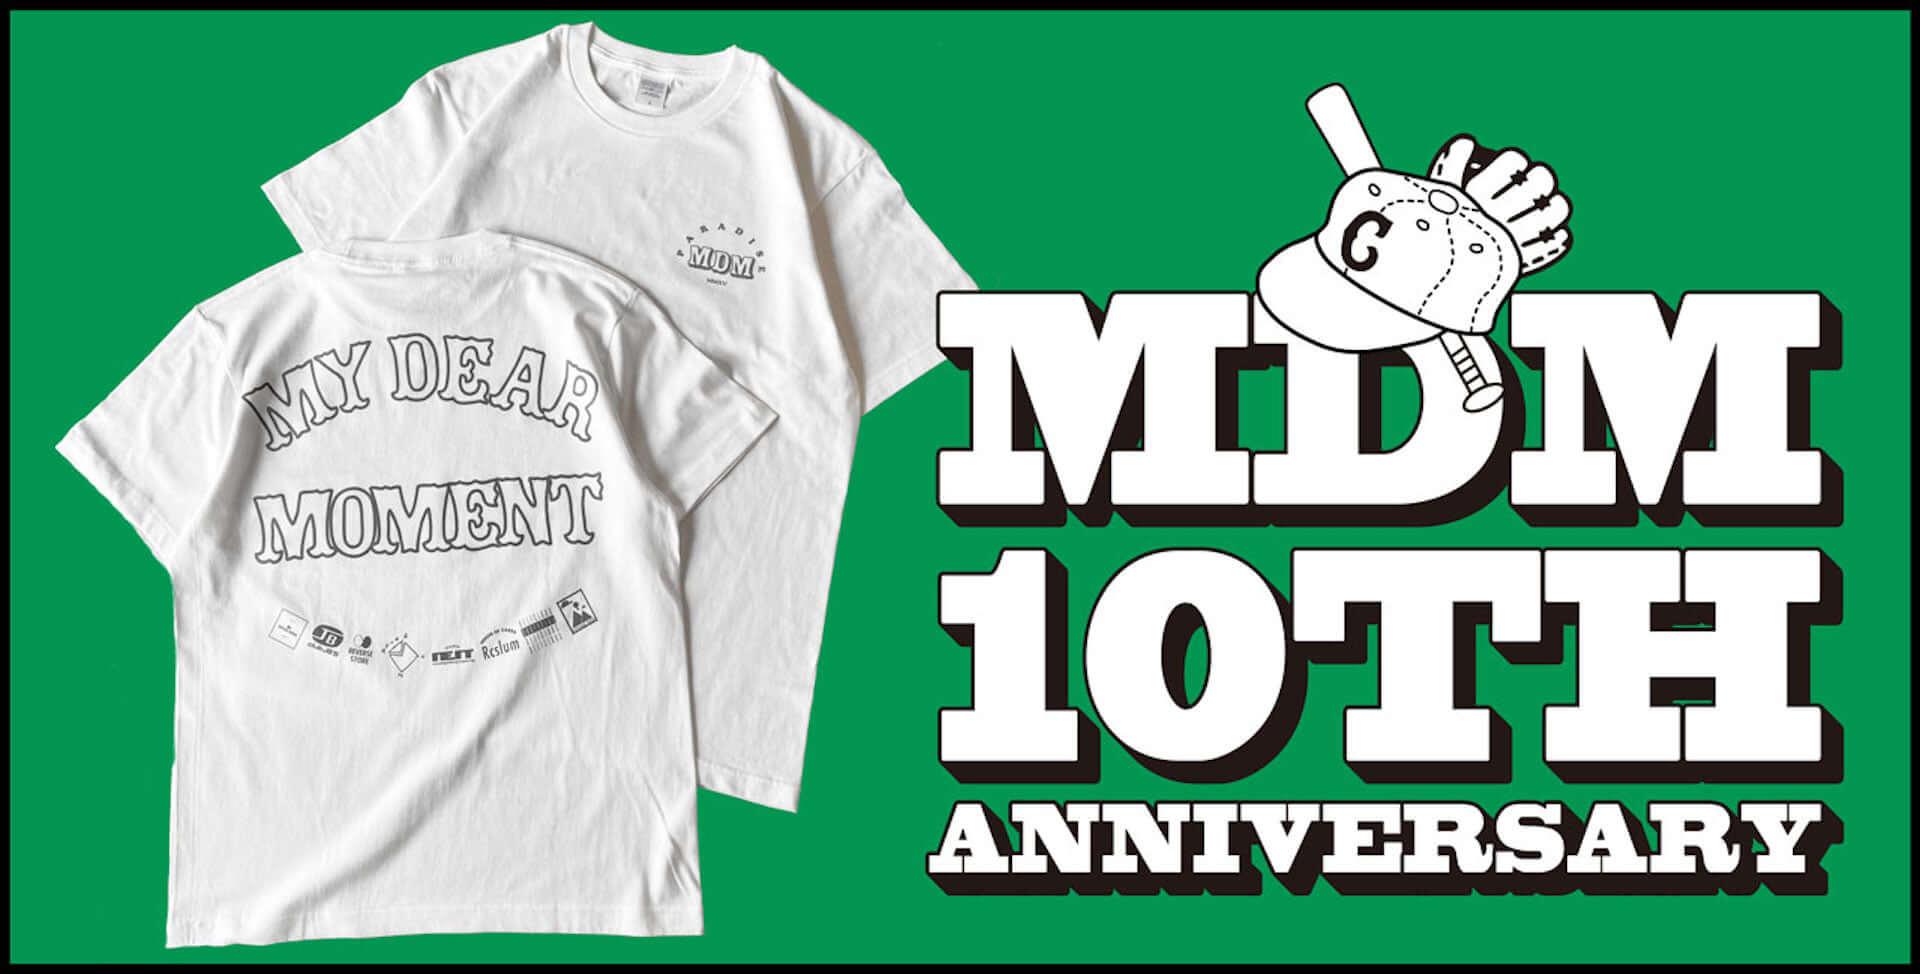 Campanella主宰 <MADE DAY MAIDER>10周年記念!RAMZAとコラボした音源『NOODLE』とTシャツを同梱したスペシャルセットがリリース music200629_mdm10th_03-1920x974